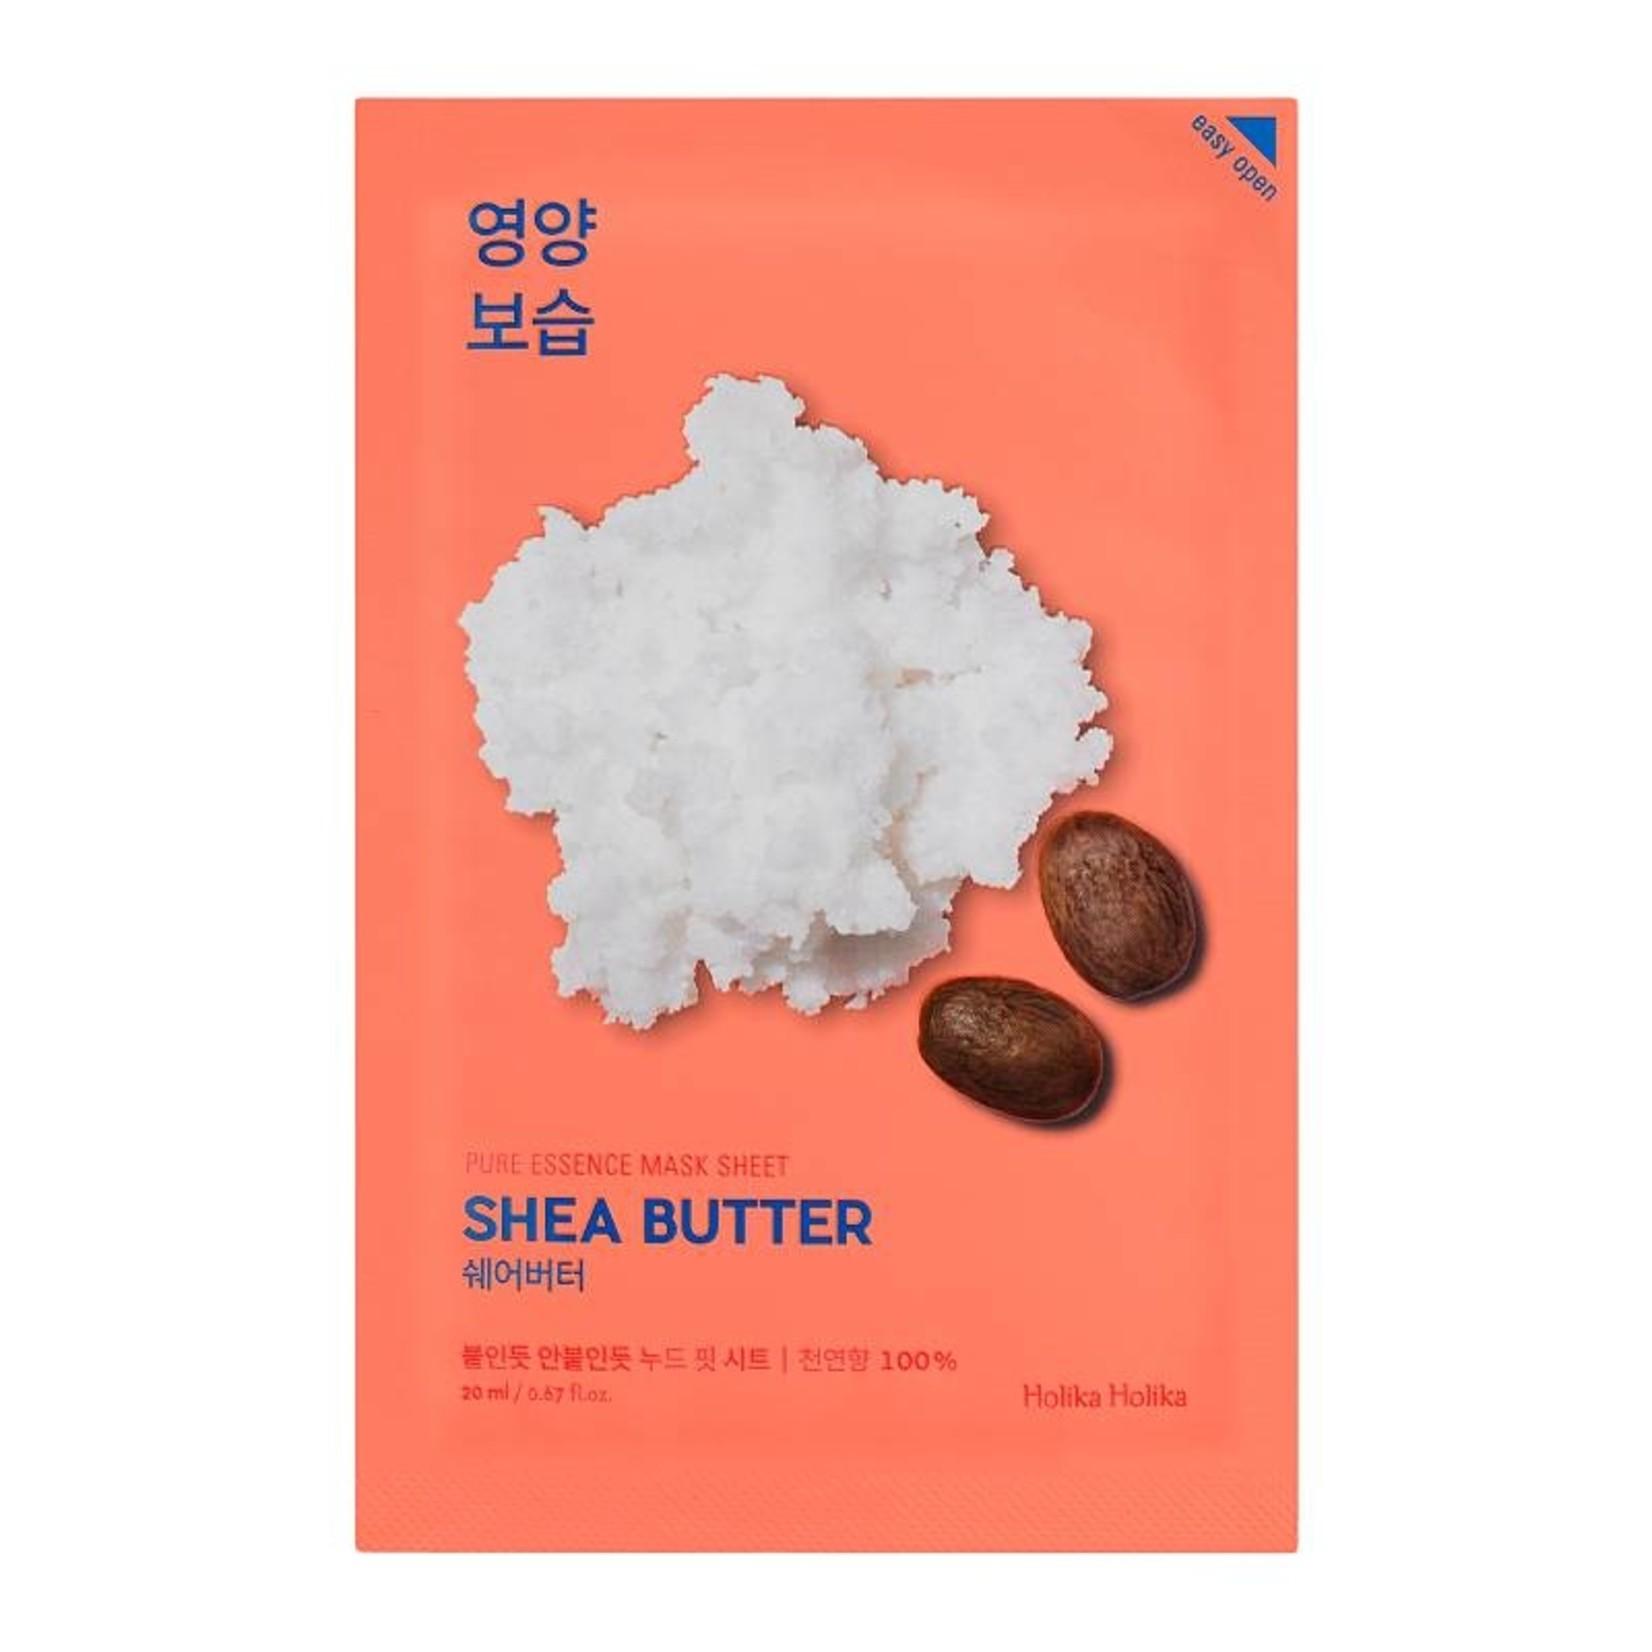 Holika Holika Pure Essence Mask Sheet Shea Butter 10pcs